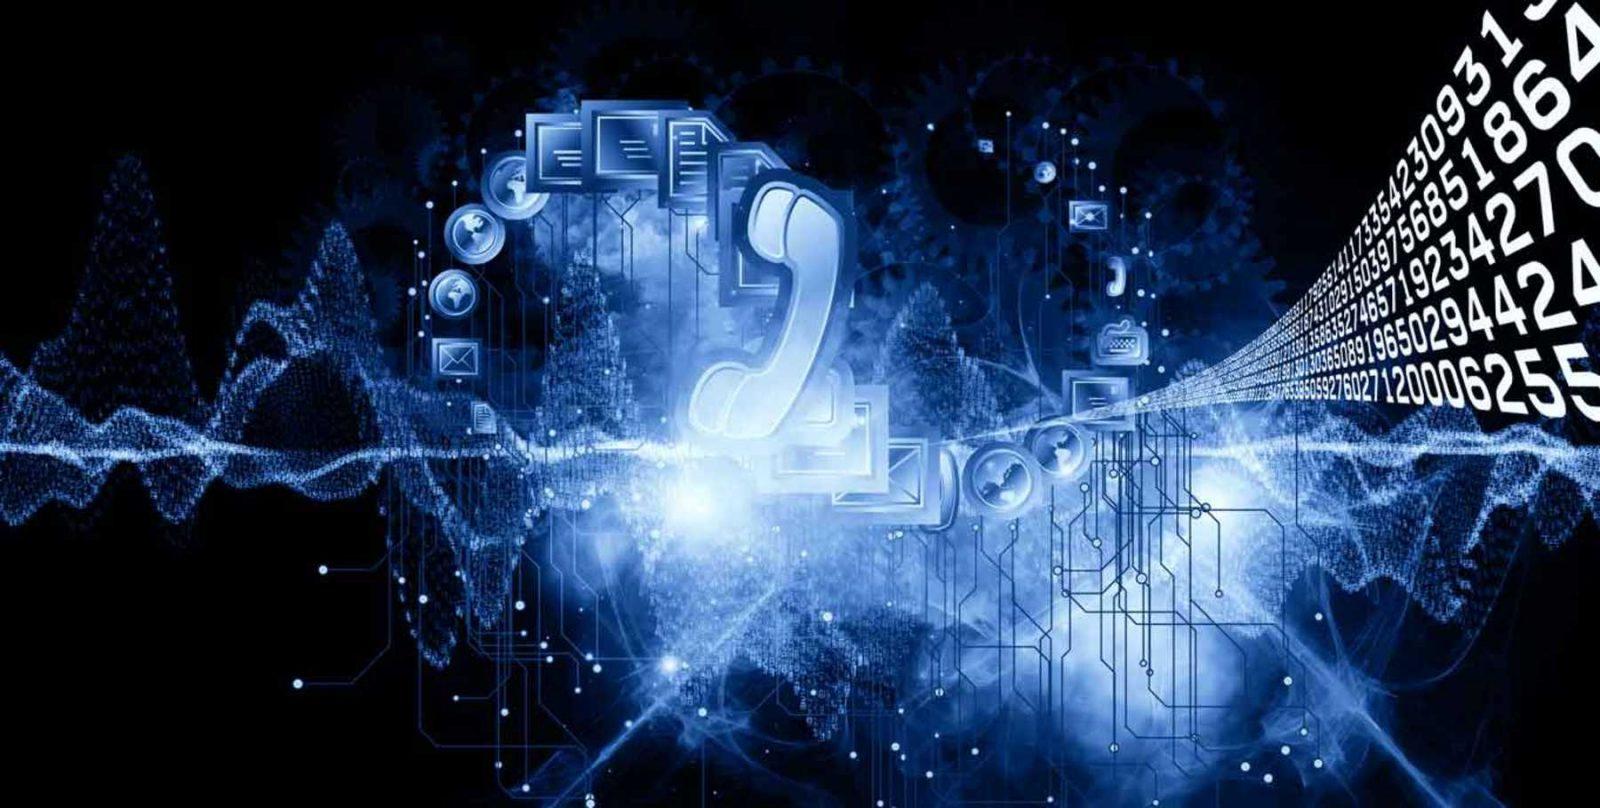 Изображение телефонной трубки и чисел